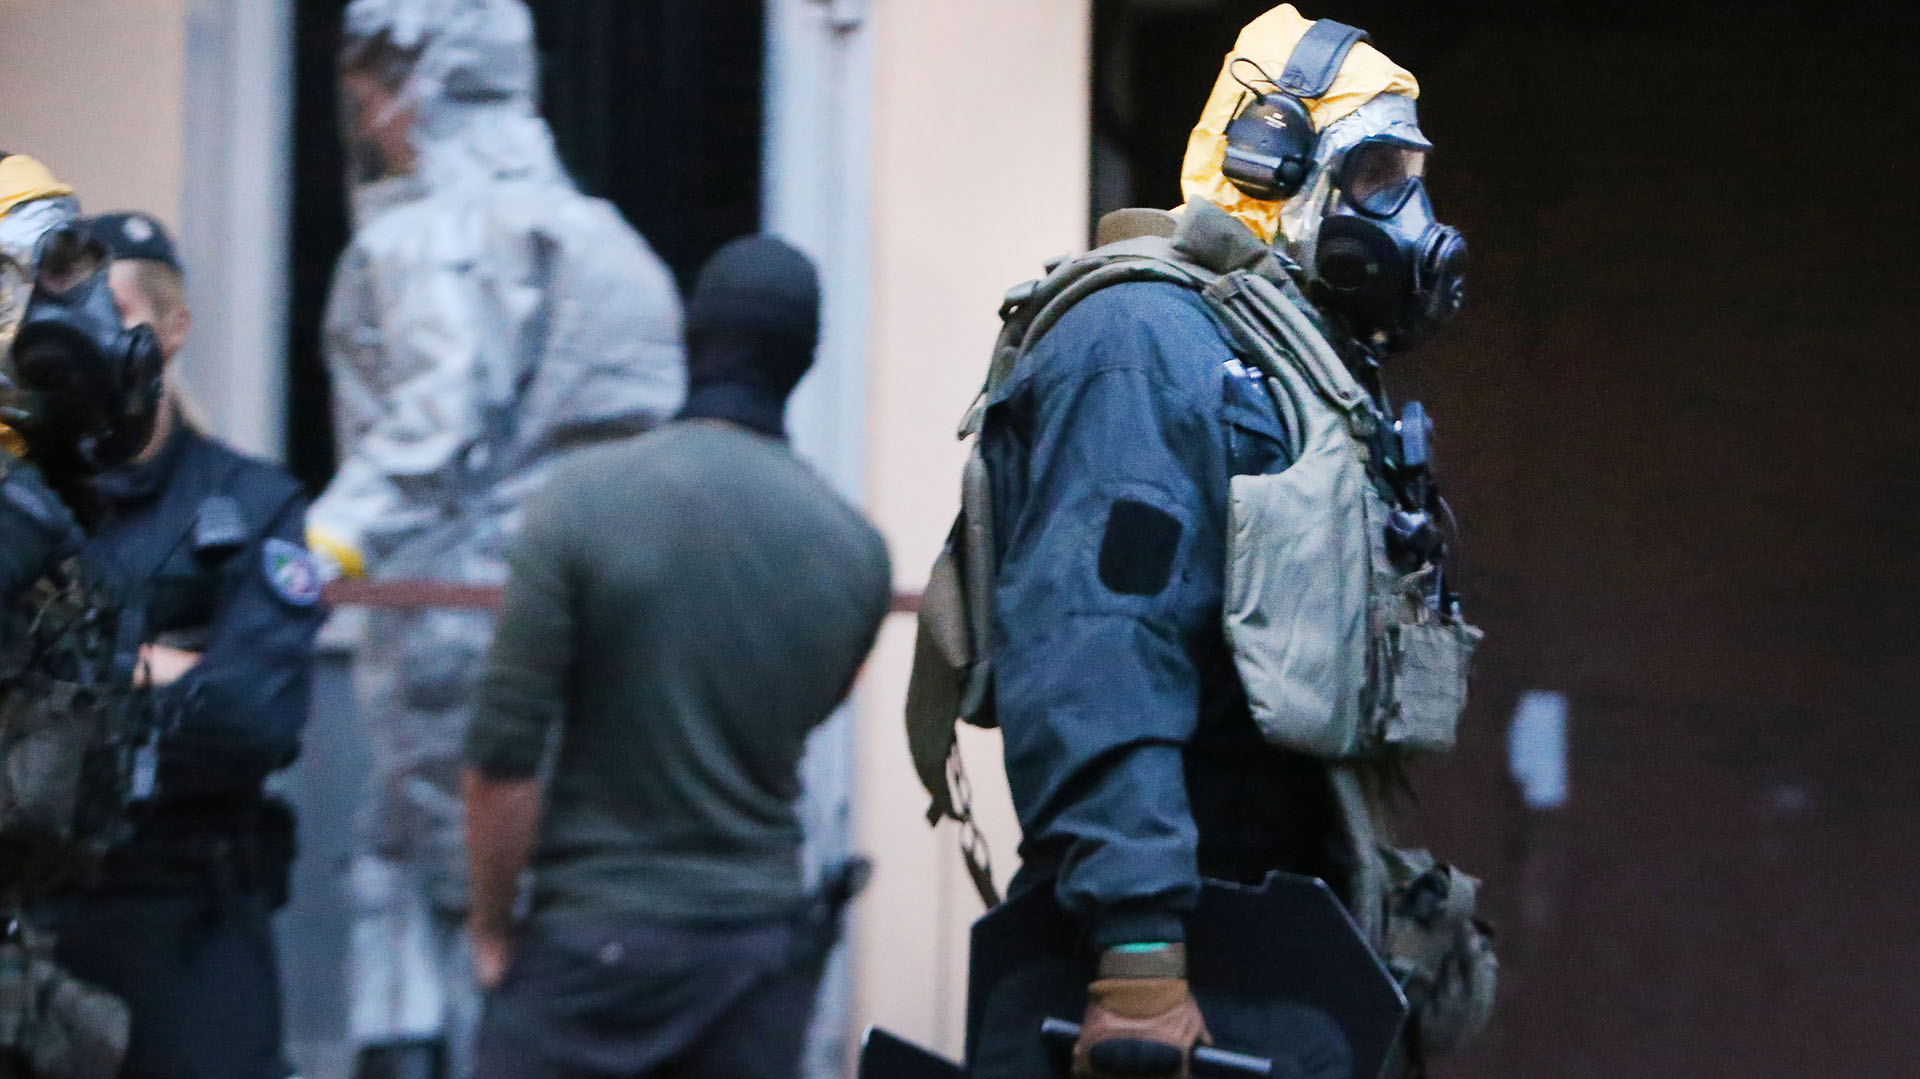 Un agente de policía vestido con una traje protectivo especial durante el arresto del terrorista marroquí (AFP)